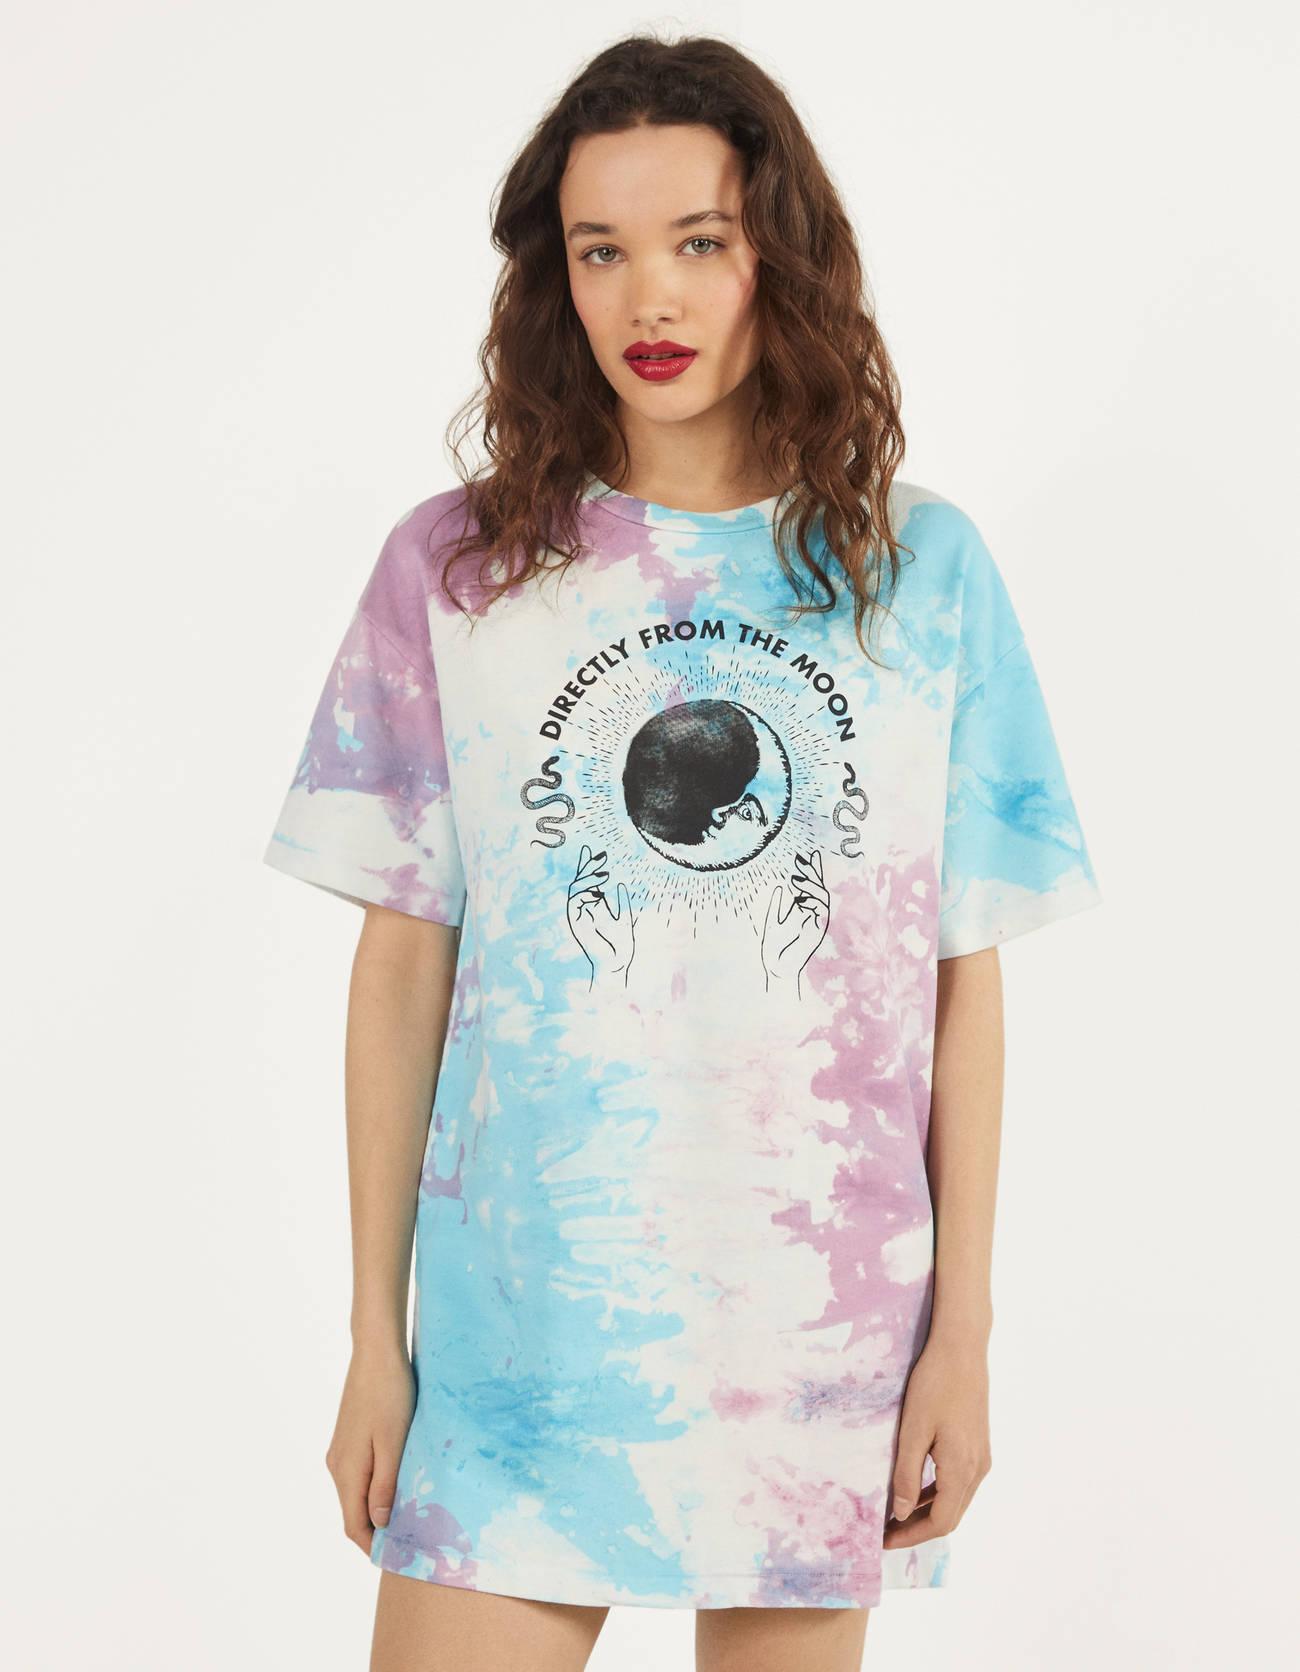 Camiseta vestido con estampado místico